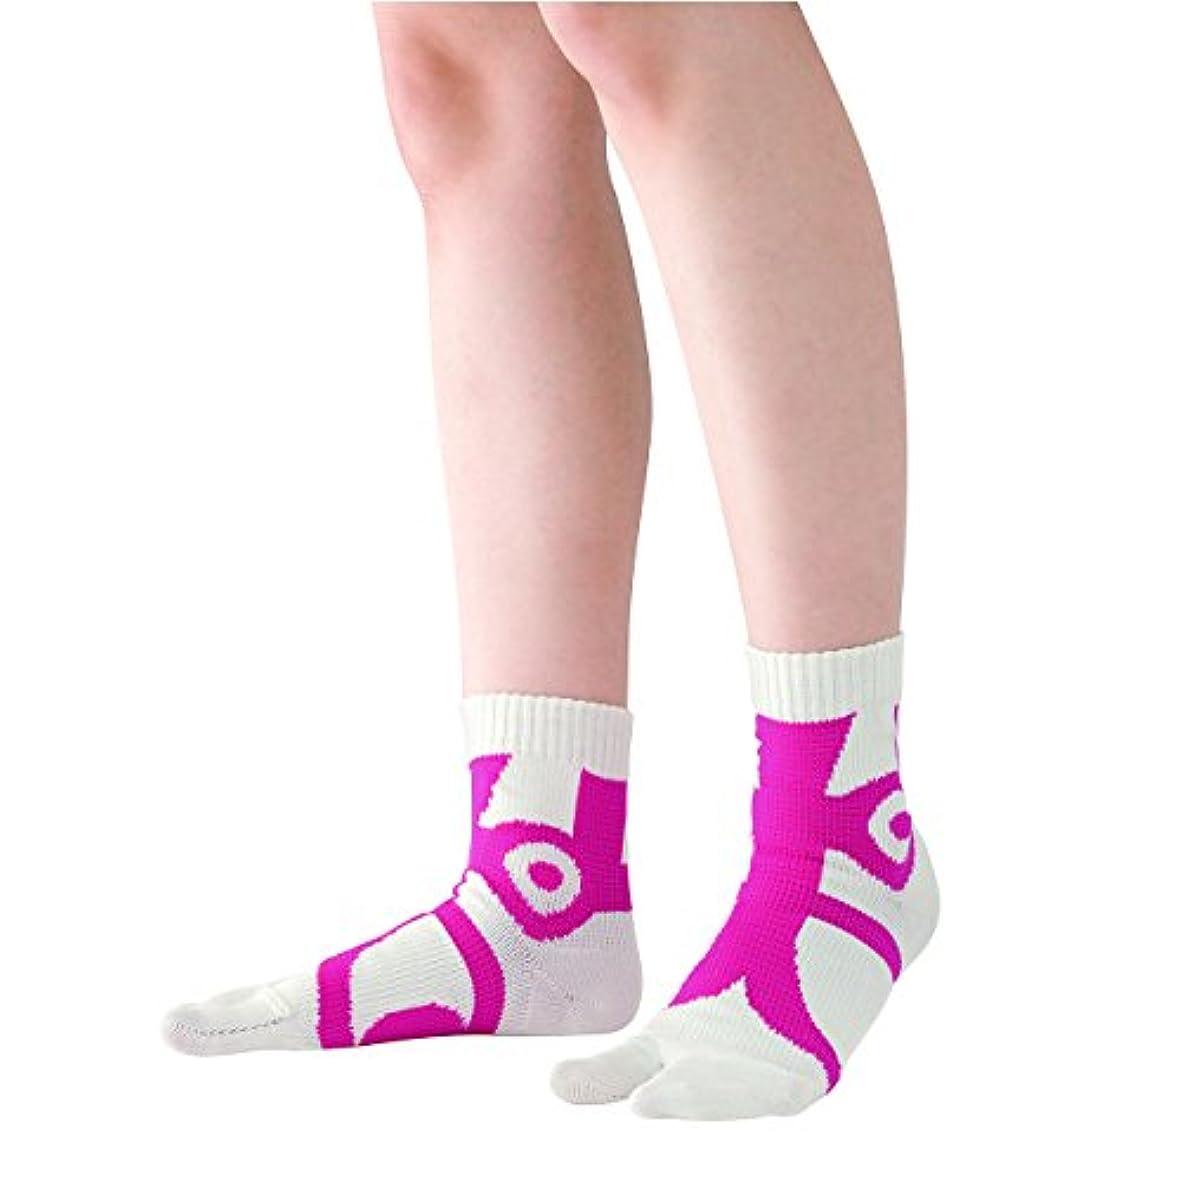 インフラ油しょっぱい快歩テーピング靴下 ホワイト×ピンク